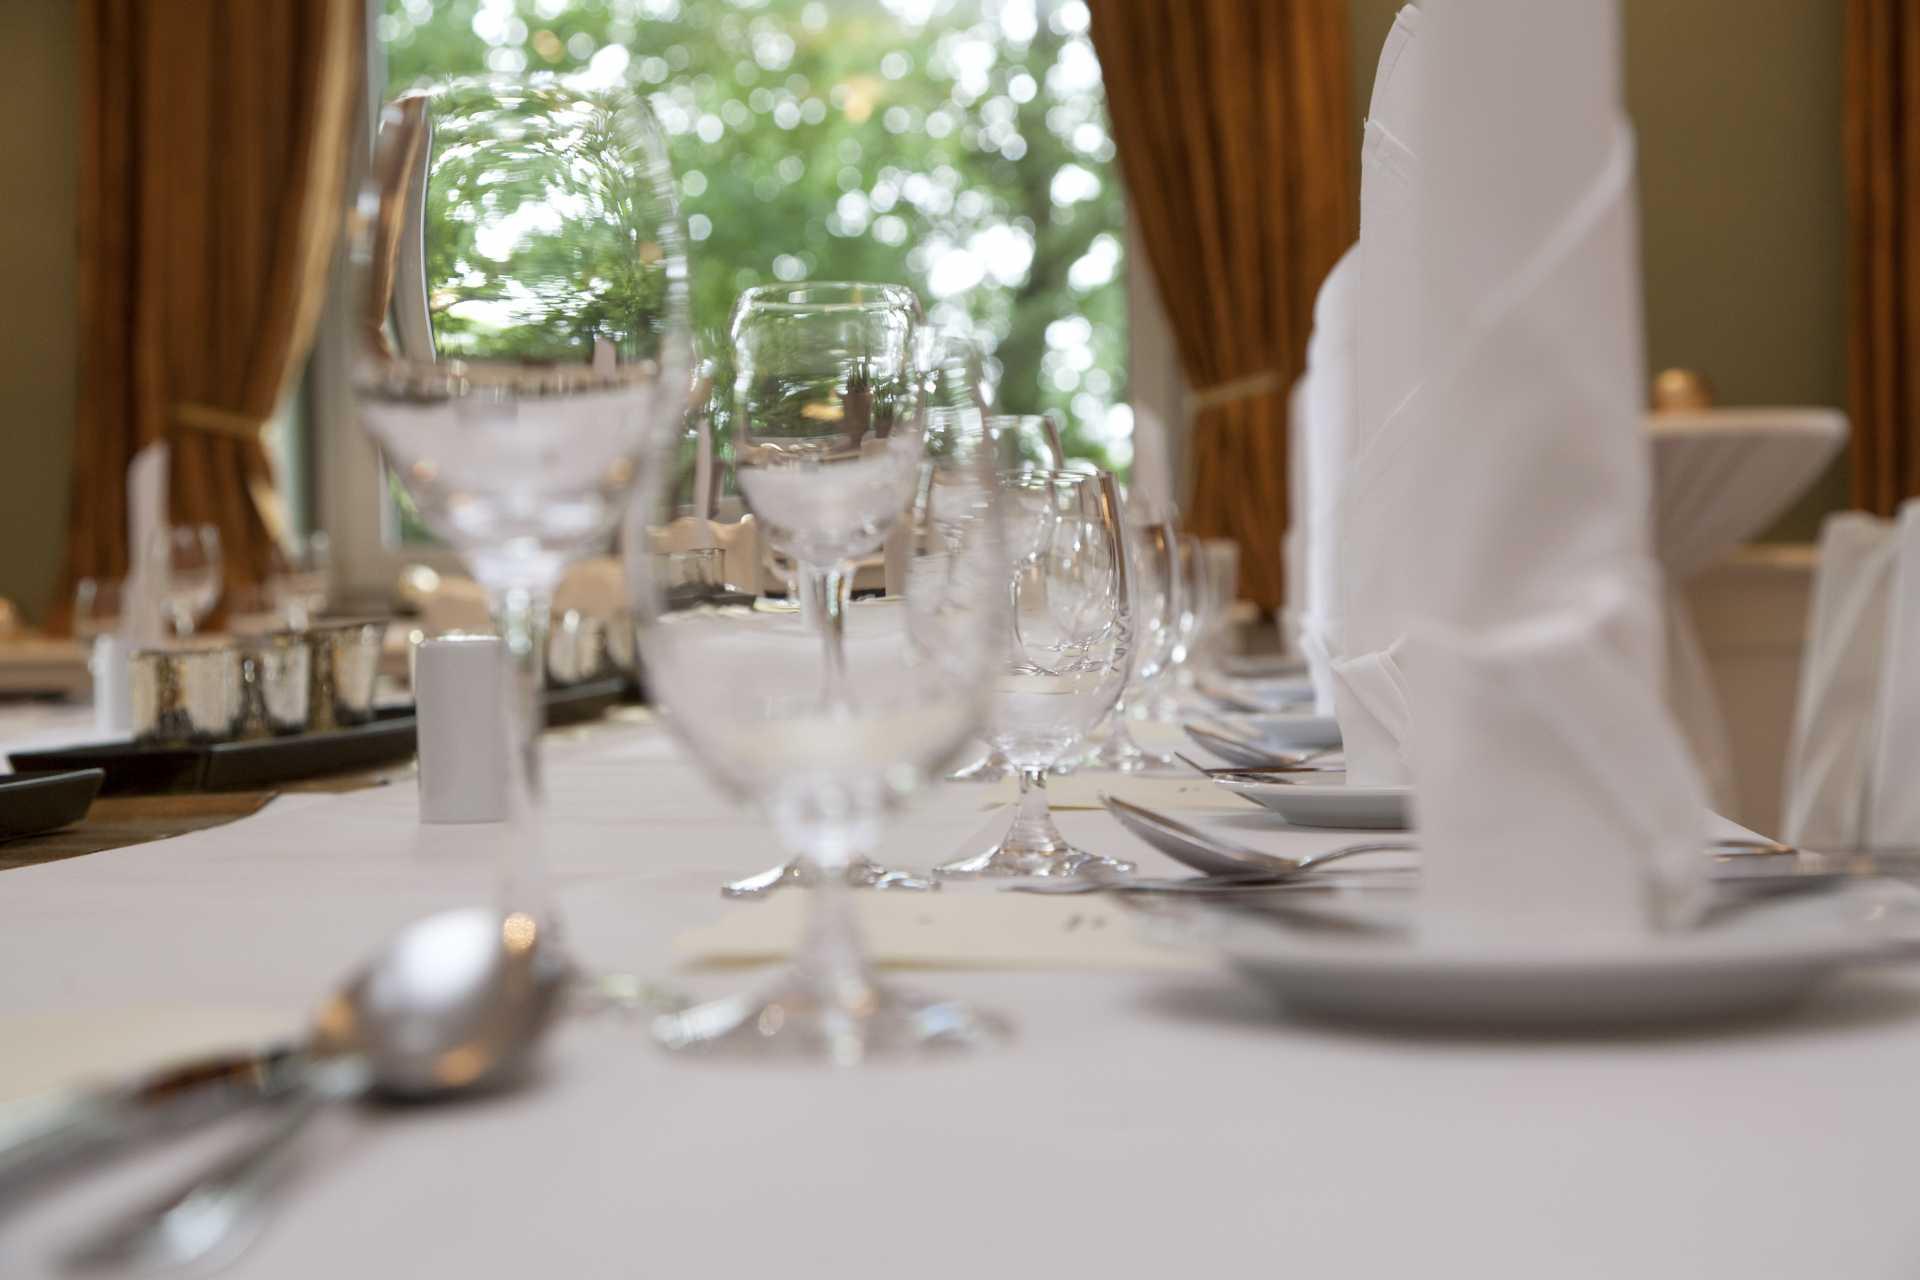 Gedeckter Tisch für eine Feier im Restaurant Beesten